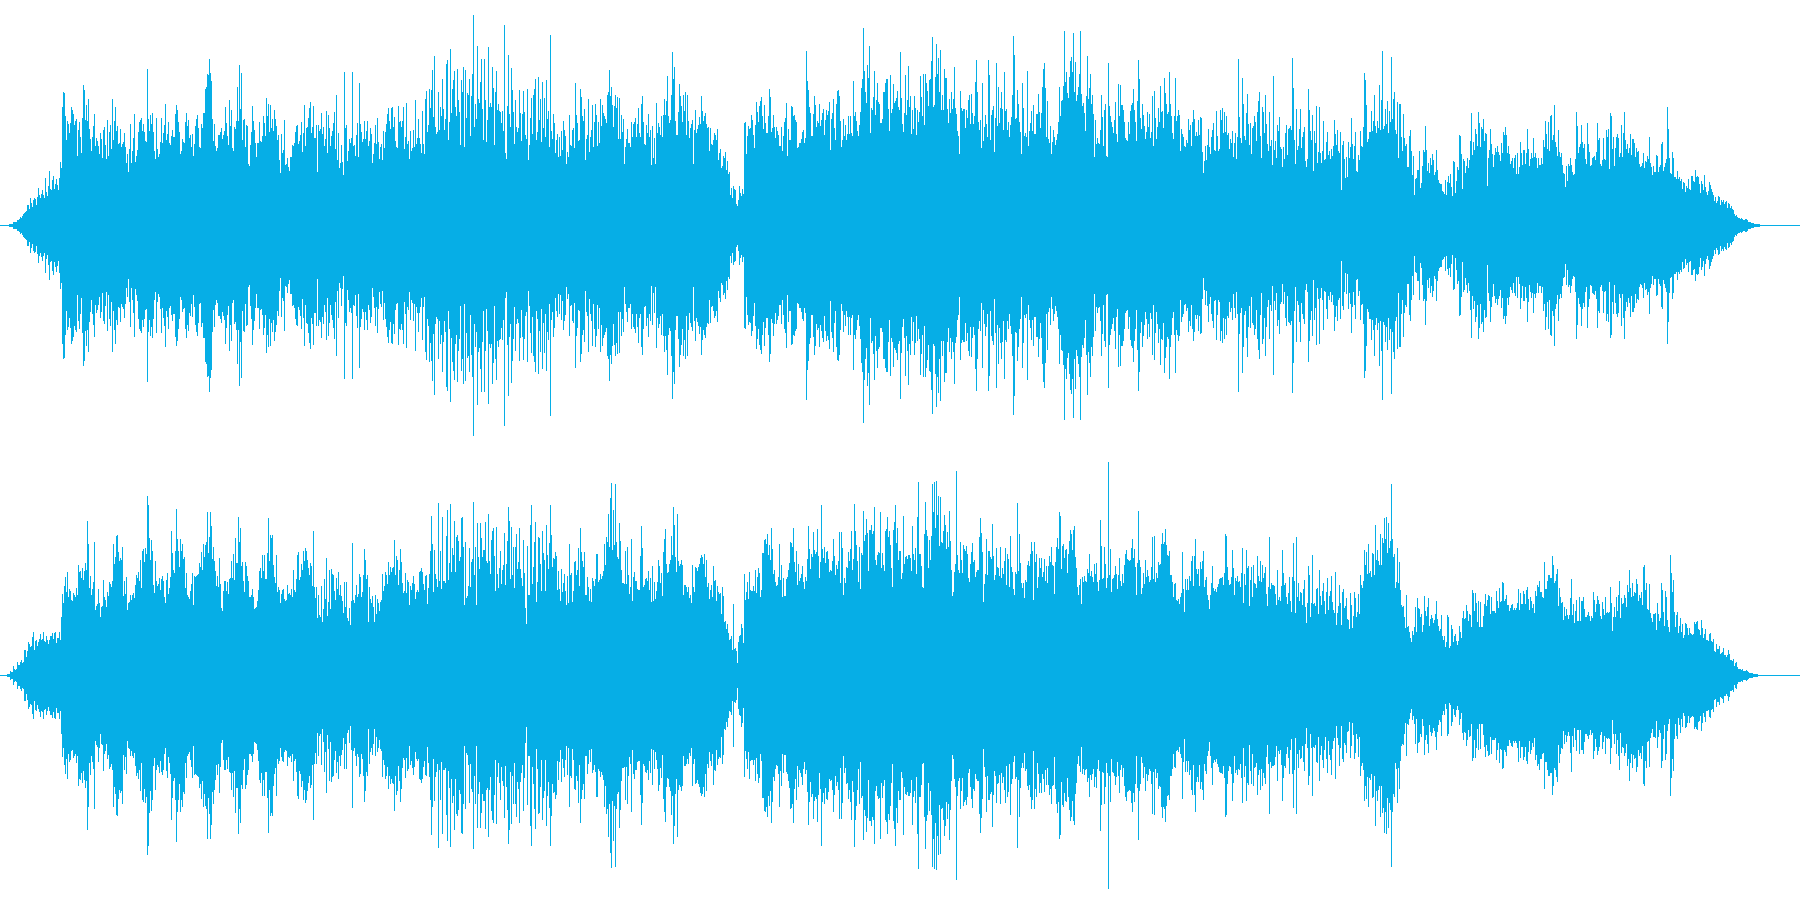 恐怖を表現したダークアンビエントの再生済みの波形